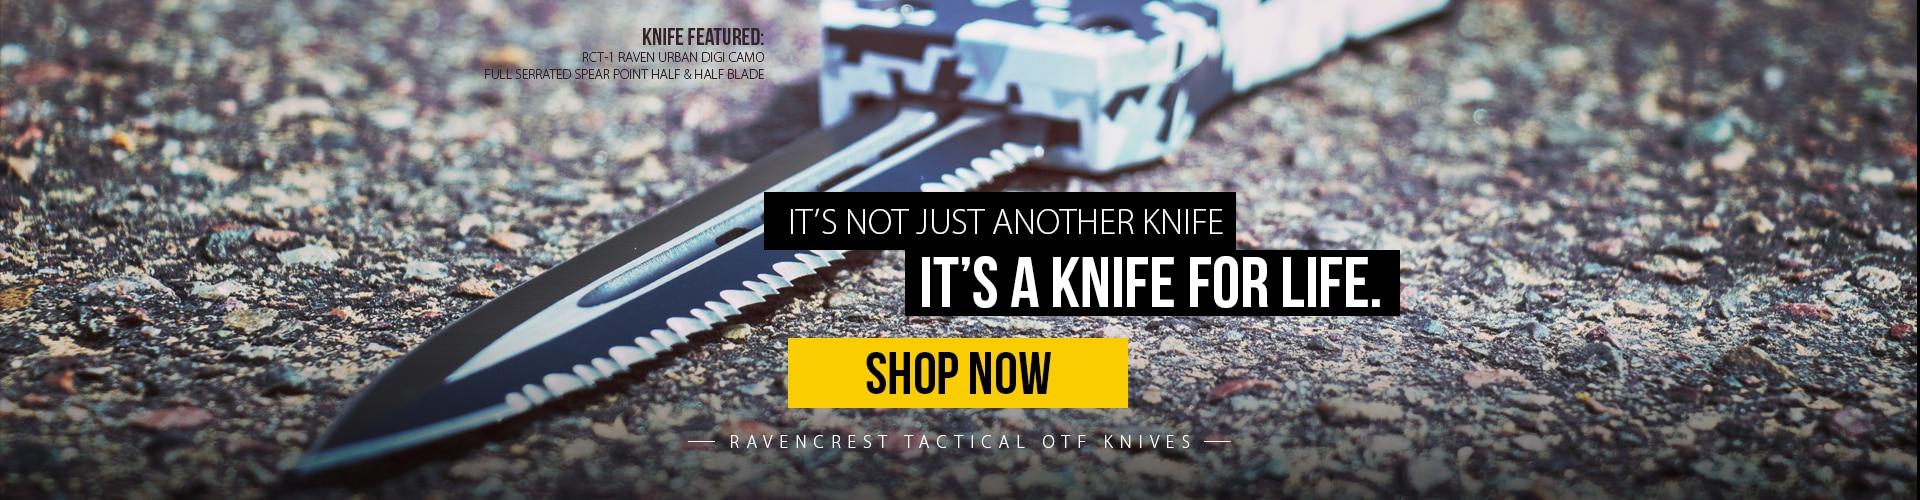 RavenCrest Tactical Knife for Life